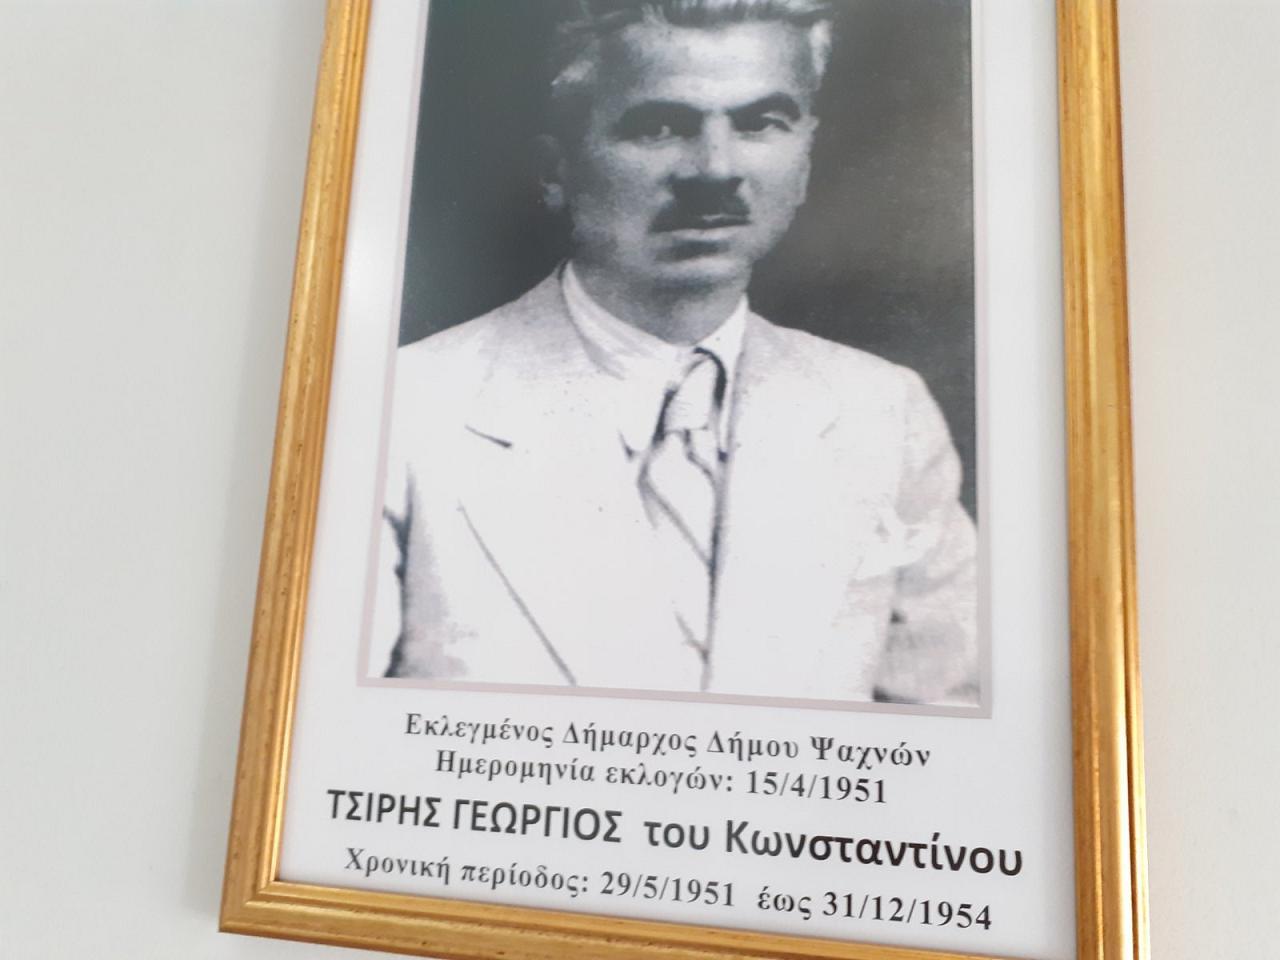 Κάδρα με φωτογραφίες όλων των Δημάρχων από το 1949 μέχρι και το 2014 τοποθέτησε ο Δήμαρχος Γιώργος Ψαθάς στις σκάλες του Δημαρχείου (φωτογραφίες) 51